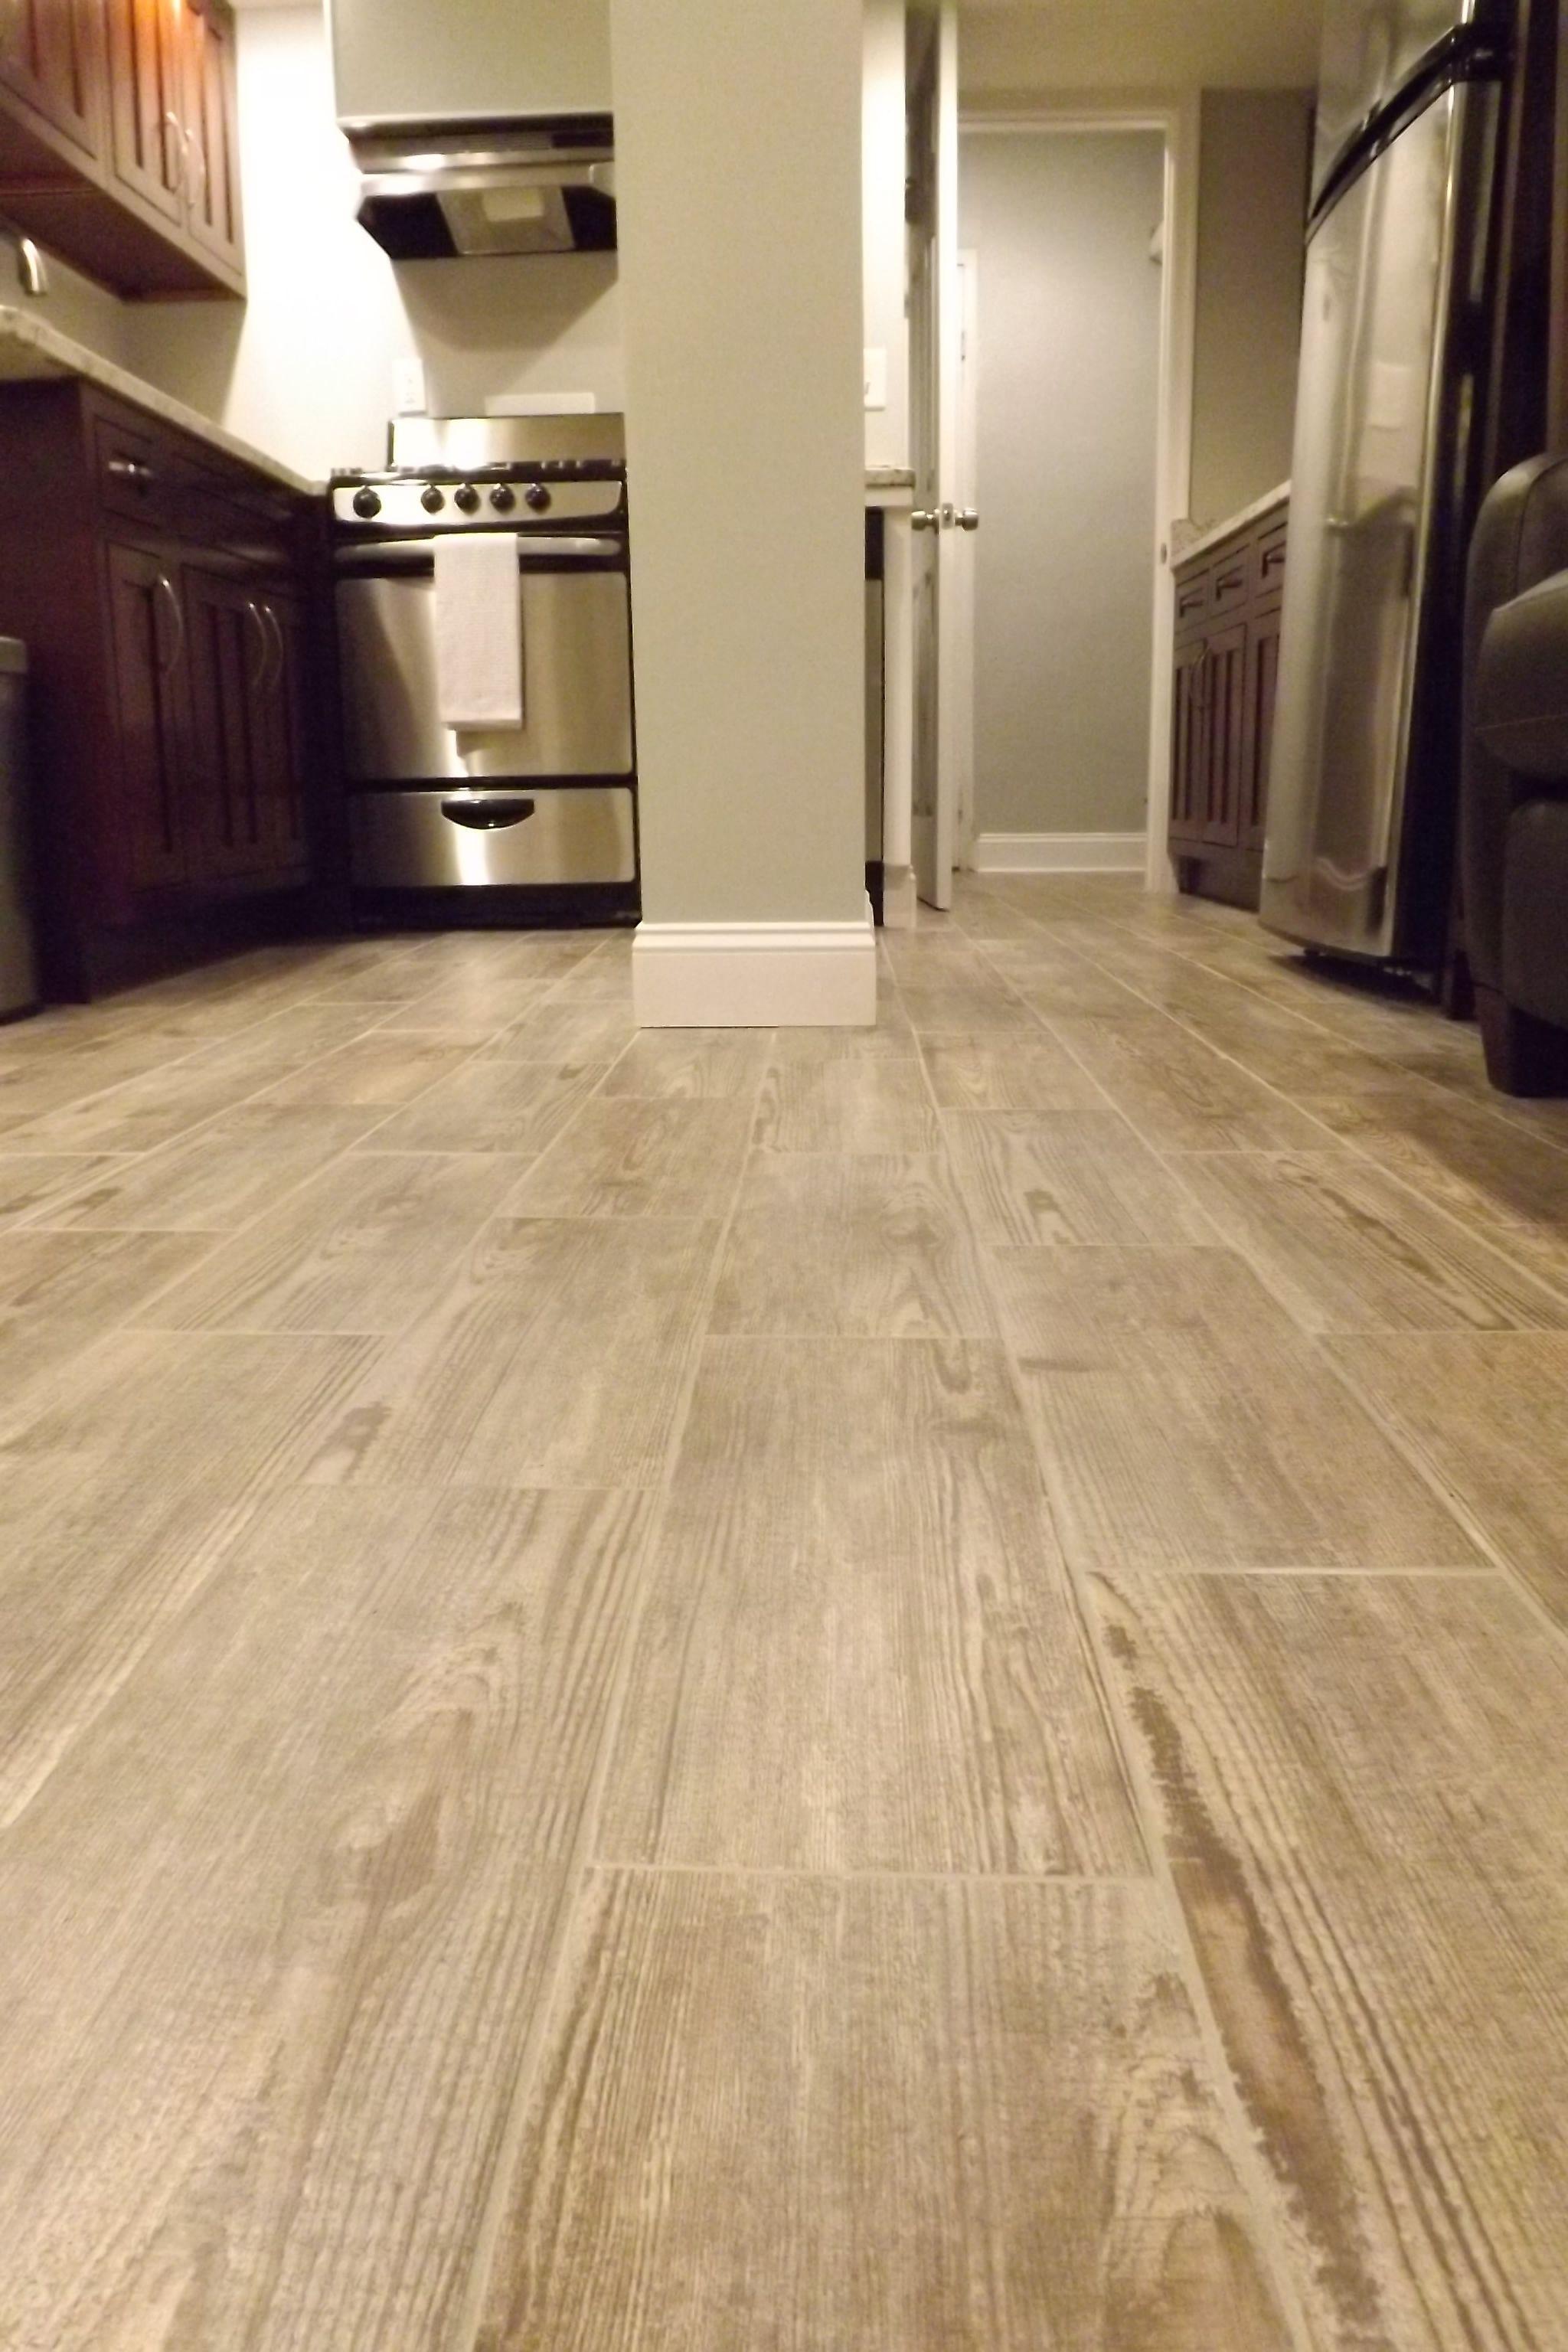 Peel And Stick Floor Tile That Looks Like Wood Wood look